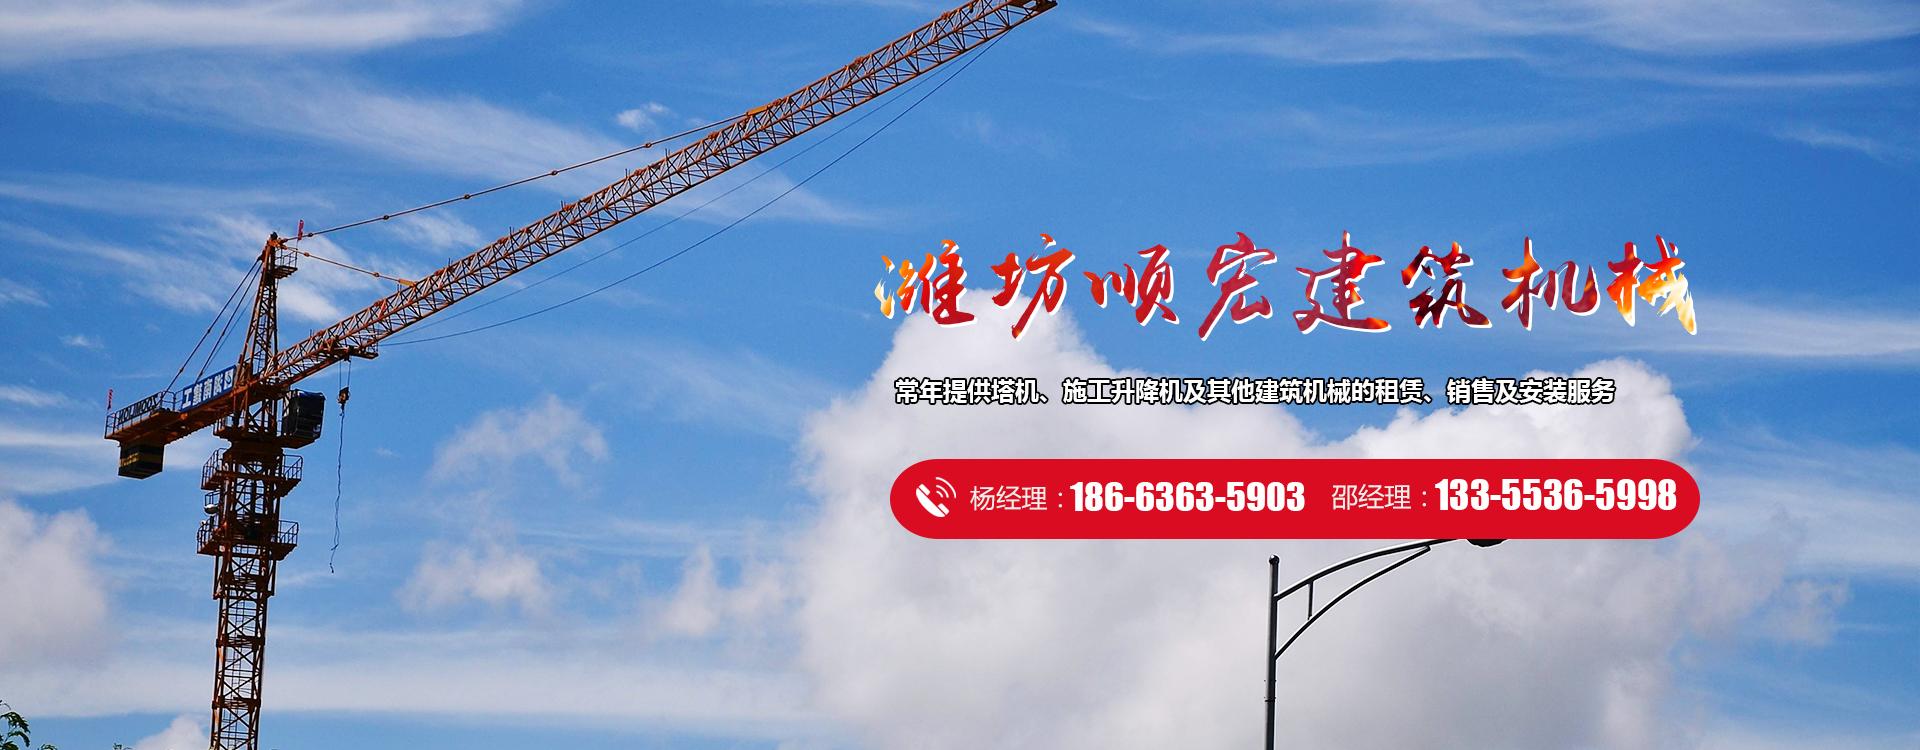 潍坊顺宏建筑机械租赁有限公司